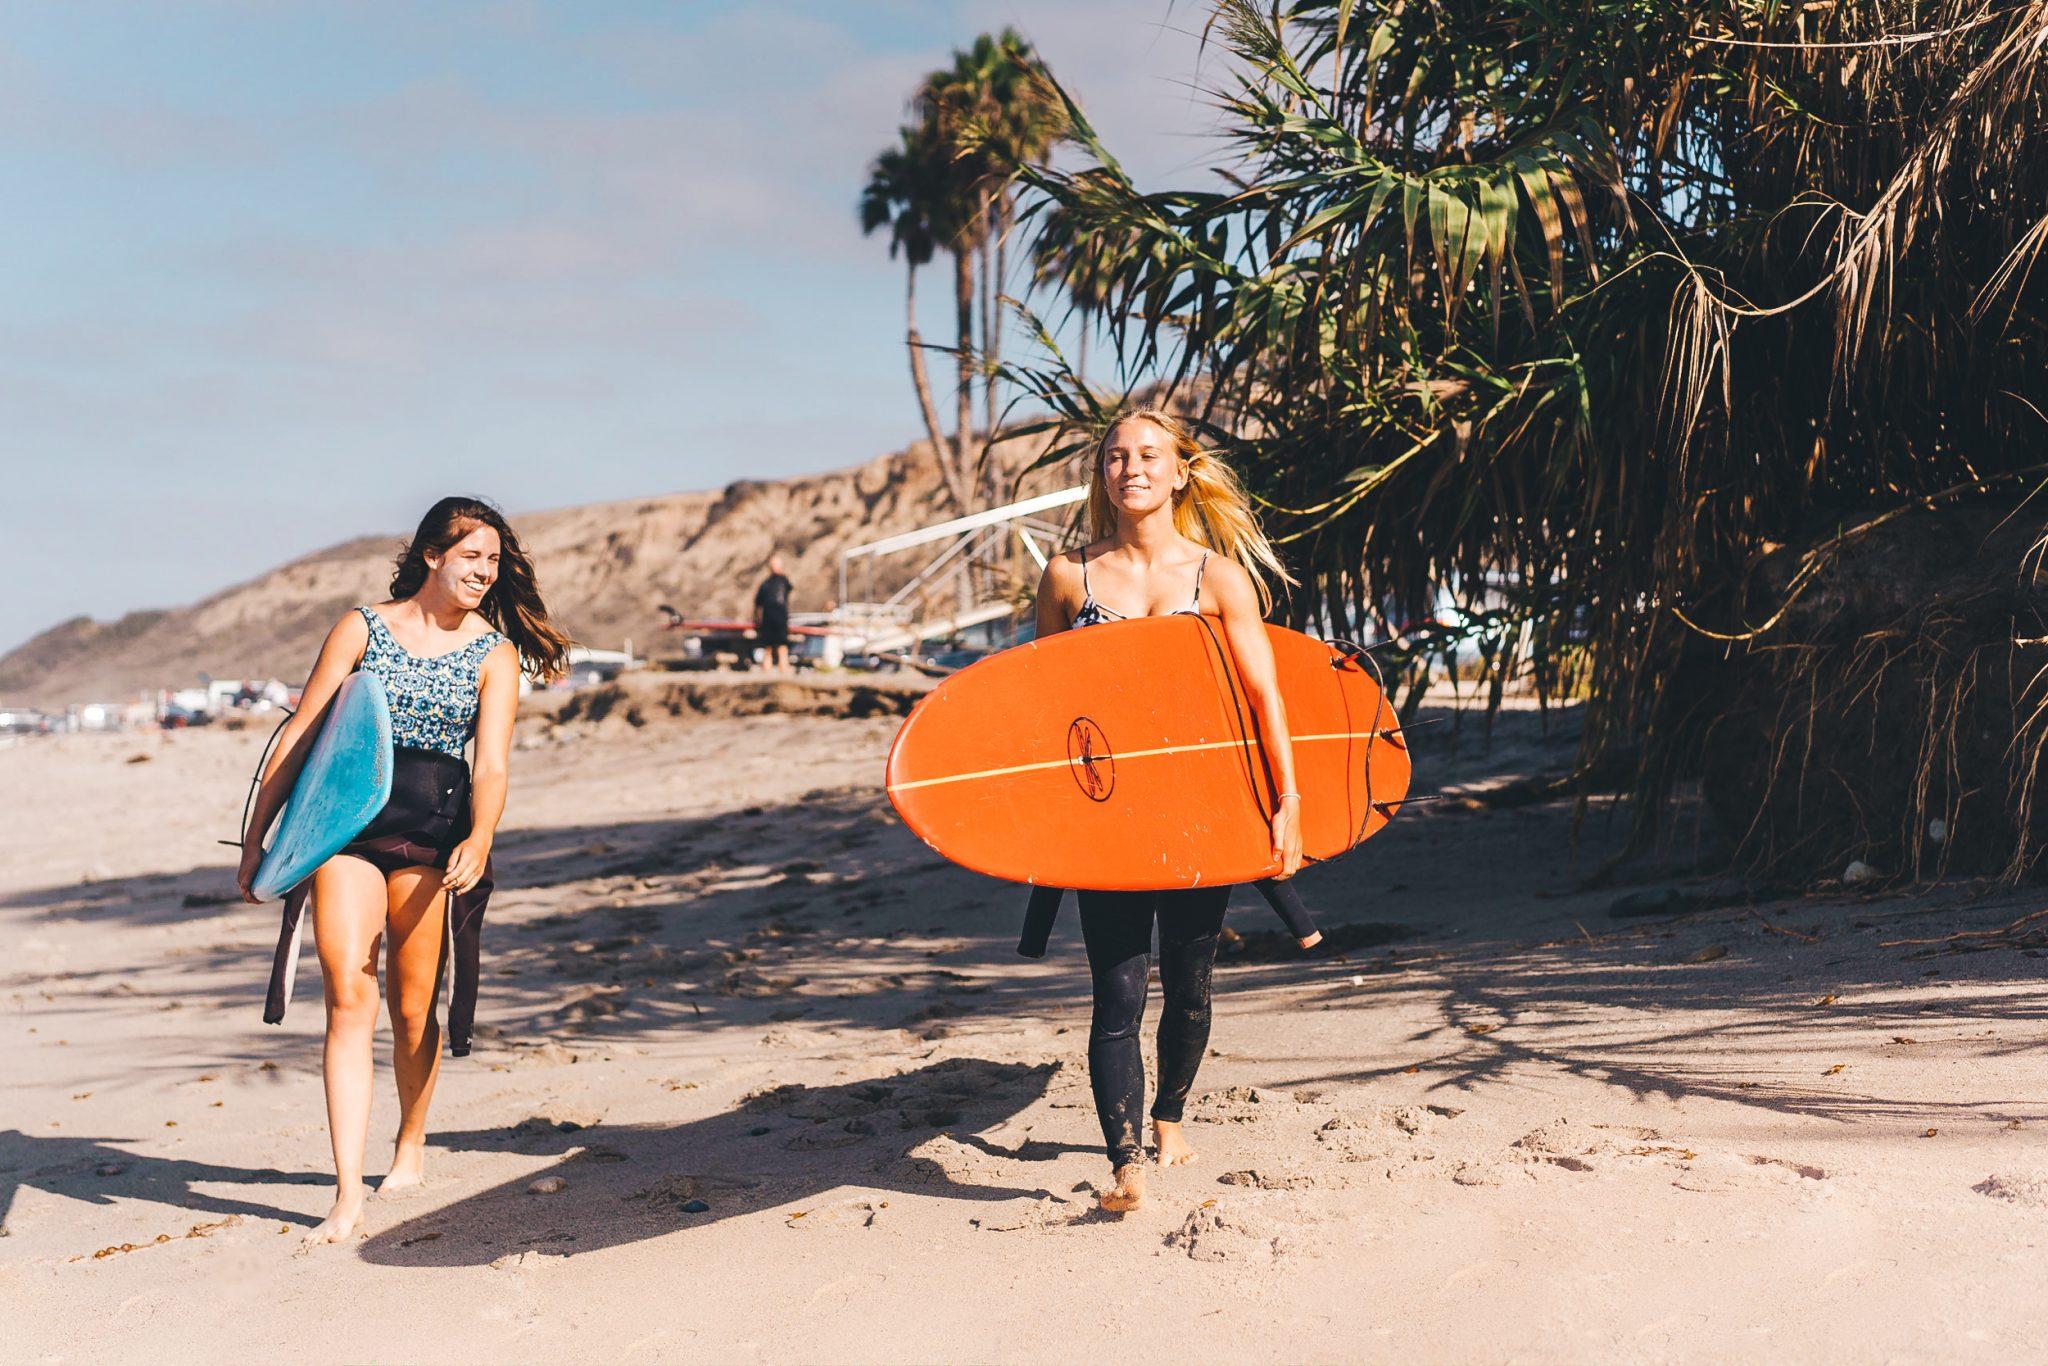 simon_fitz-Welcher Wetsuit und welches Surfboard muss man kaufen